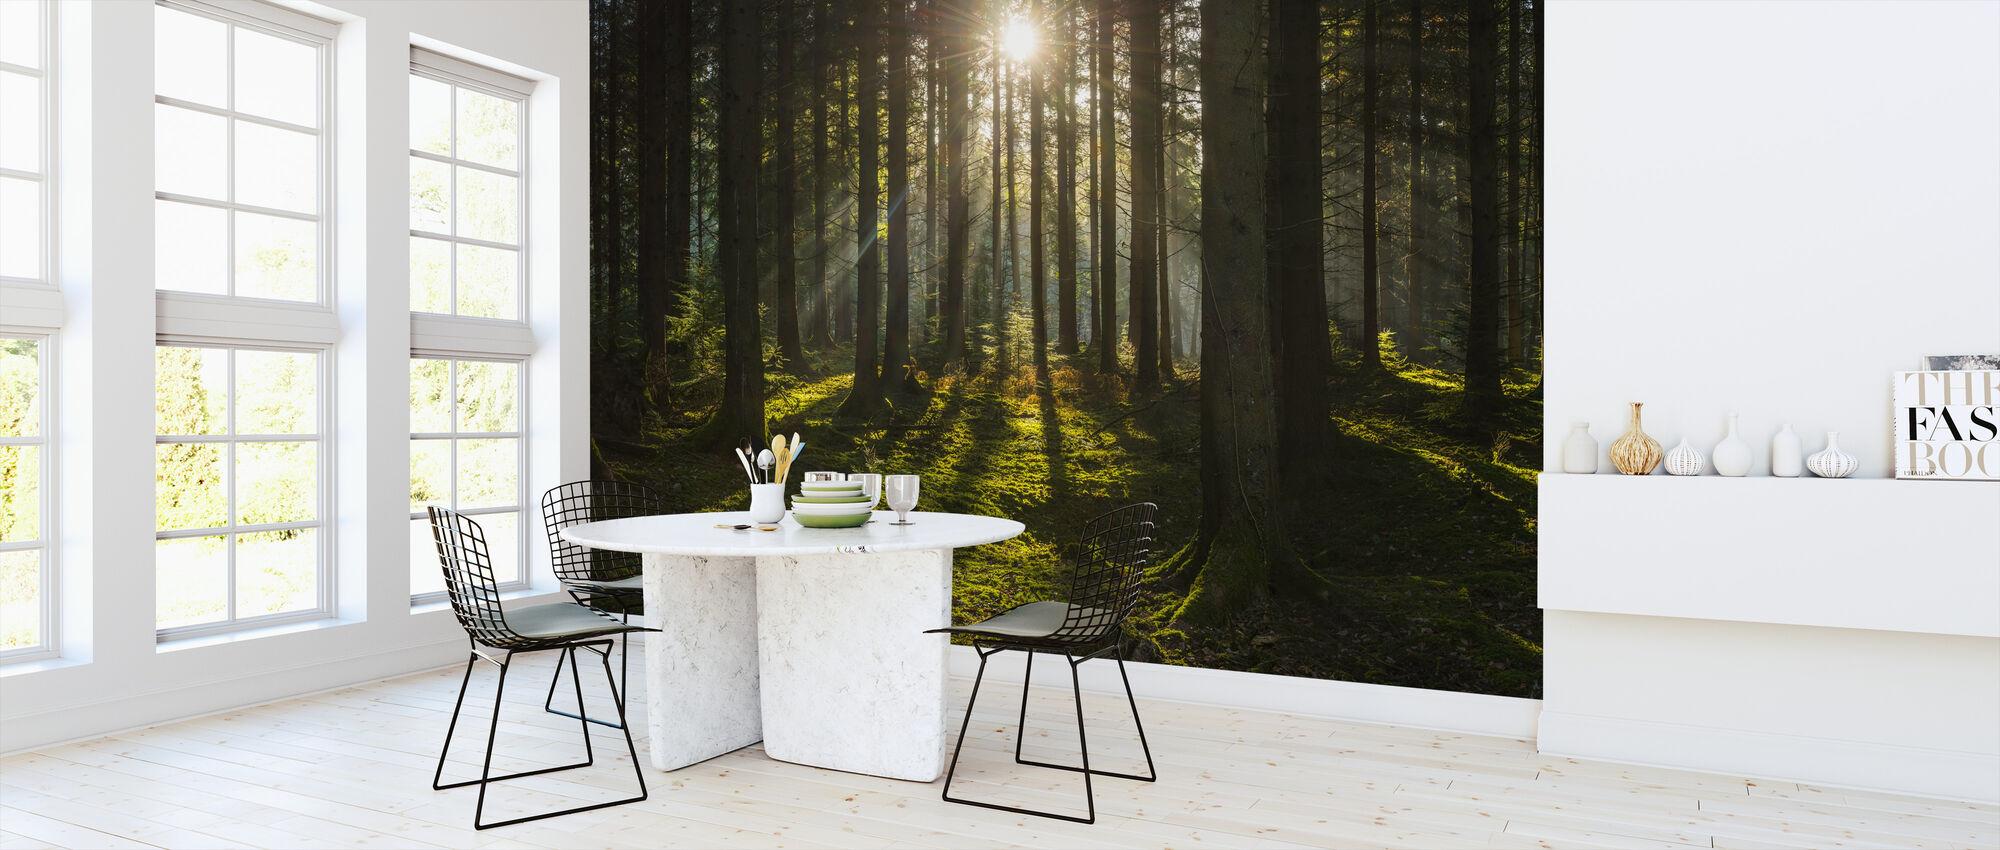 Furusskog villmark - Tapet - Kjøkken